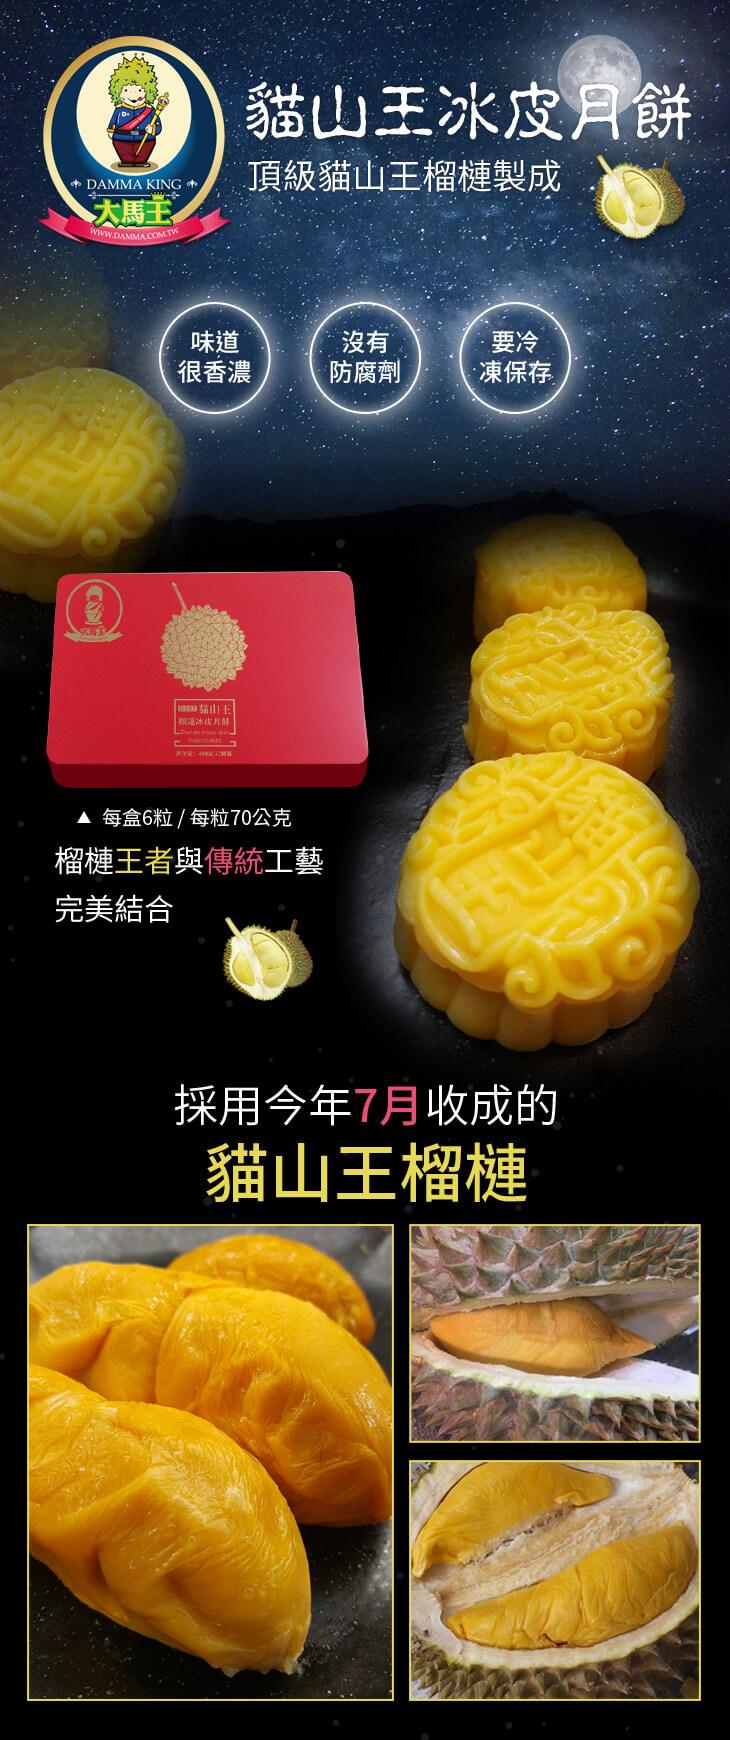 貓山王榴槤冰皮月餅